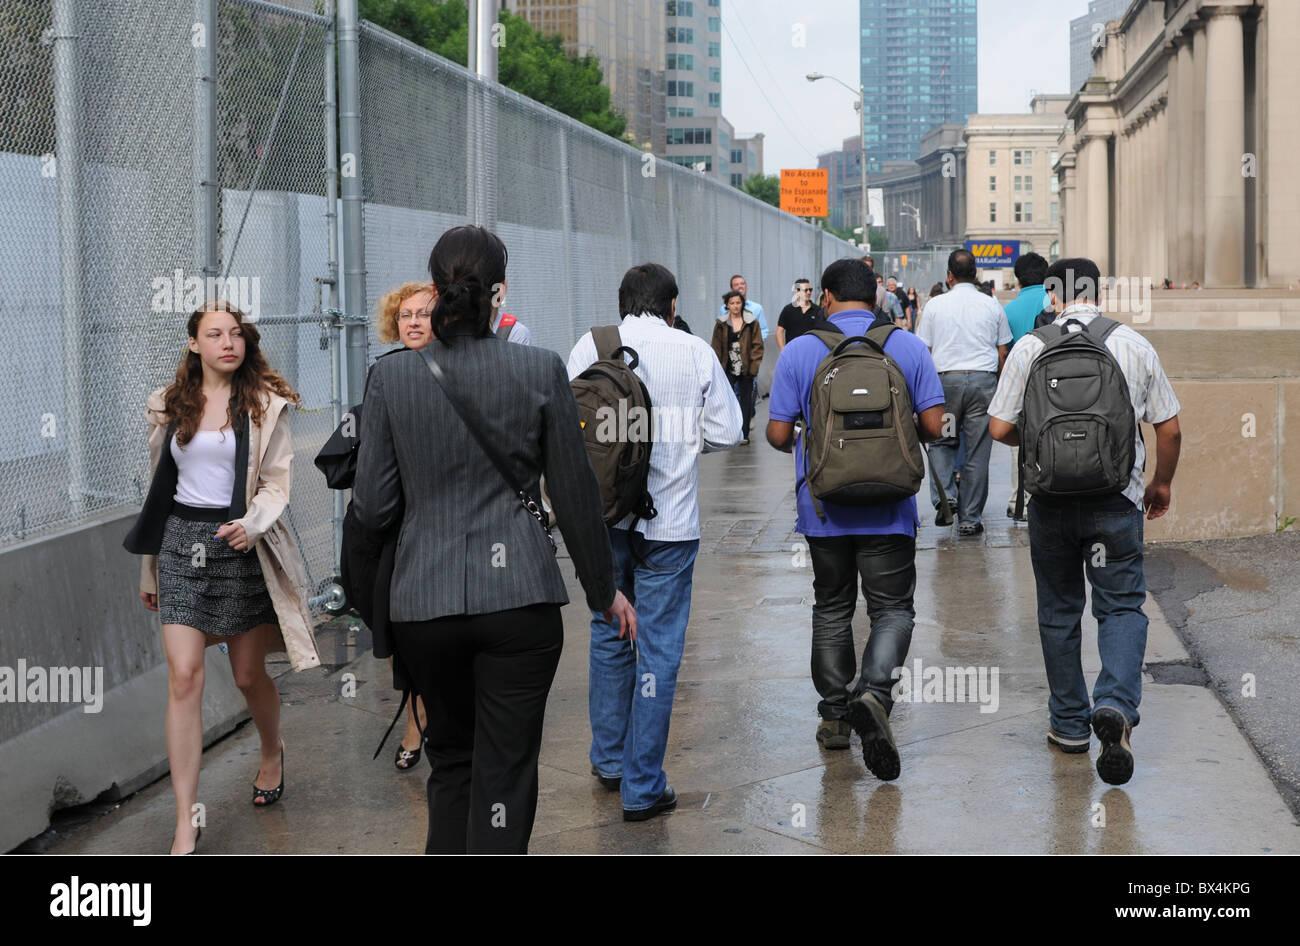 La recinzione di sicurezza eretto in anticipo del Toronto vertice G20. Immagini Stock